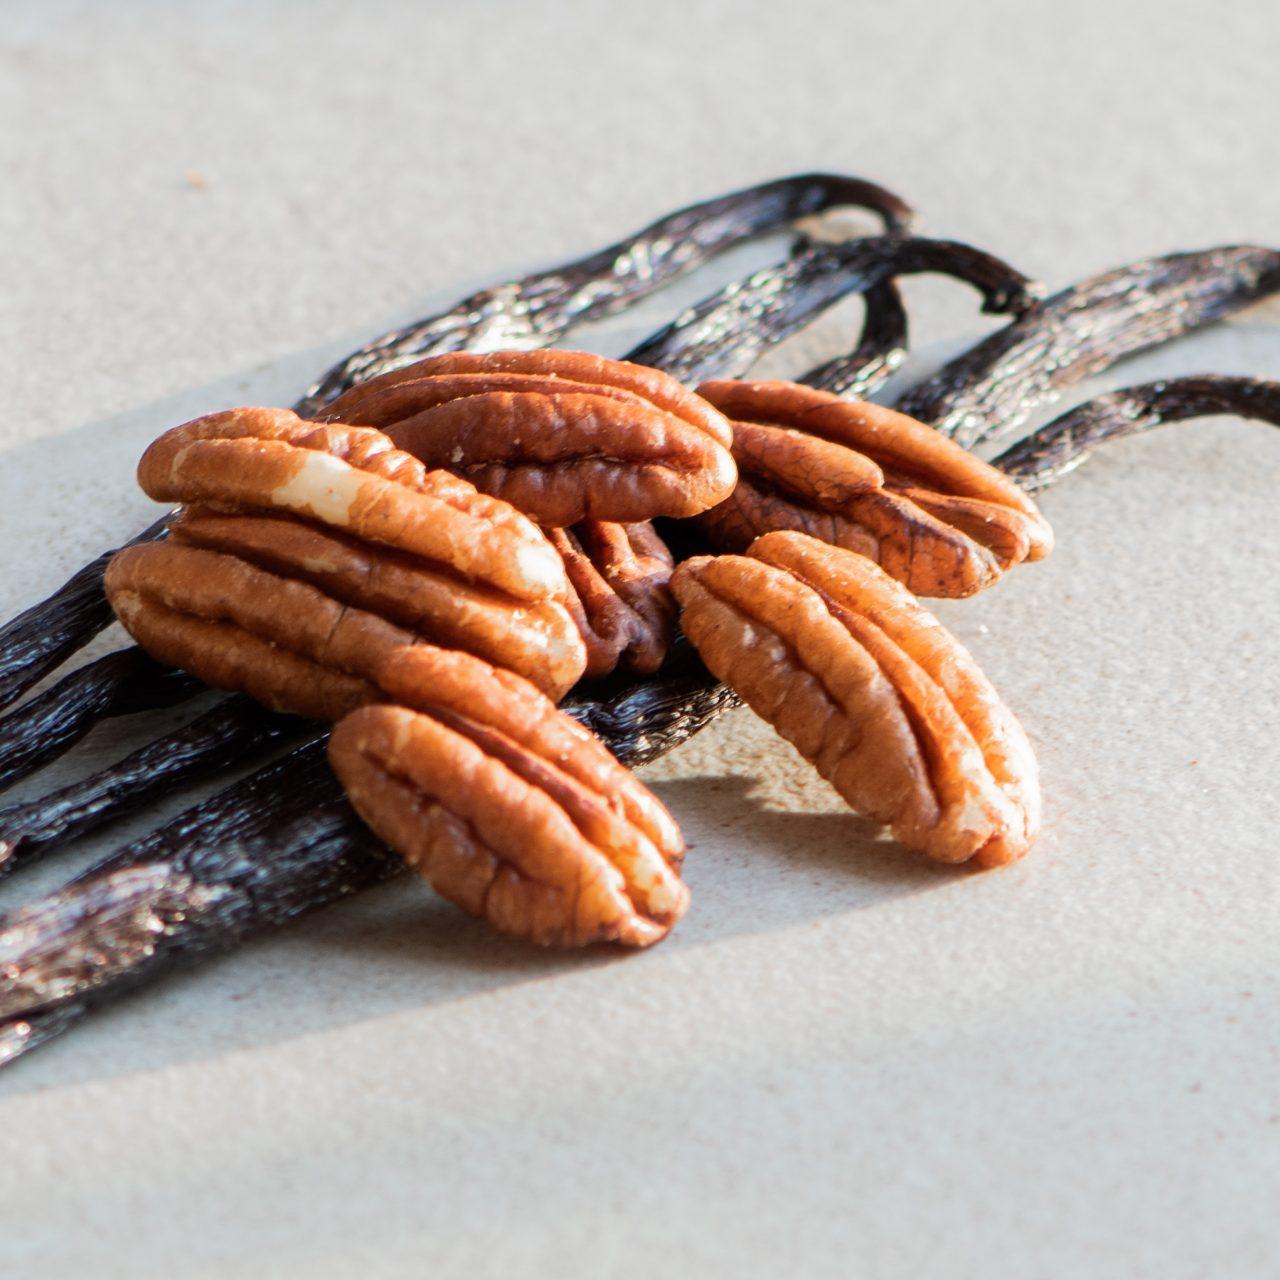 Vanille Bourbon Noix de Pécan, Usa